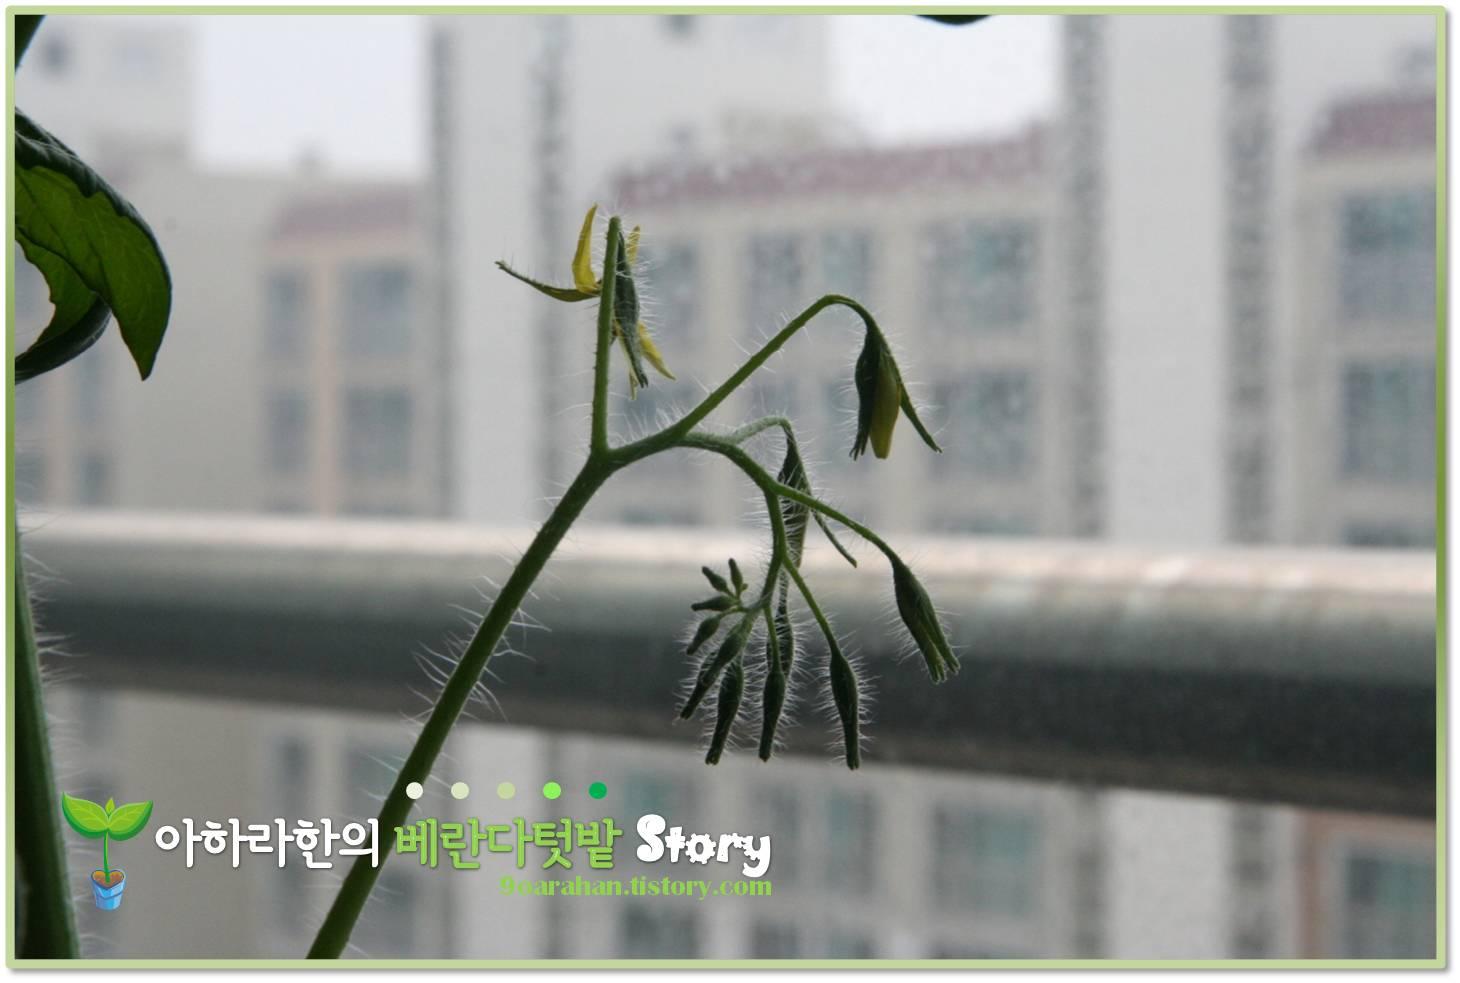 01-[방울토마토 키우기] 베란다텃밭에서 방울토마토 키우기 결실을 맺고 있어요.